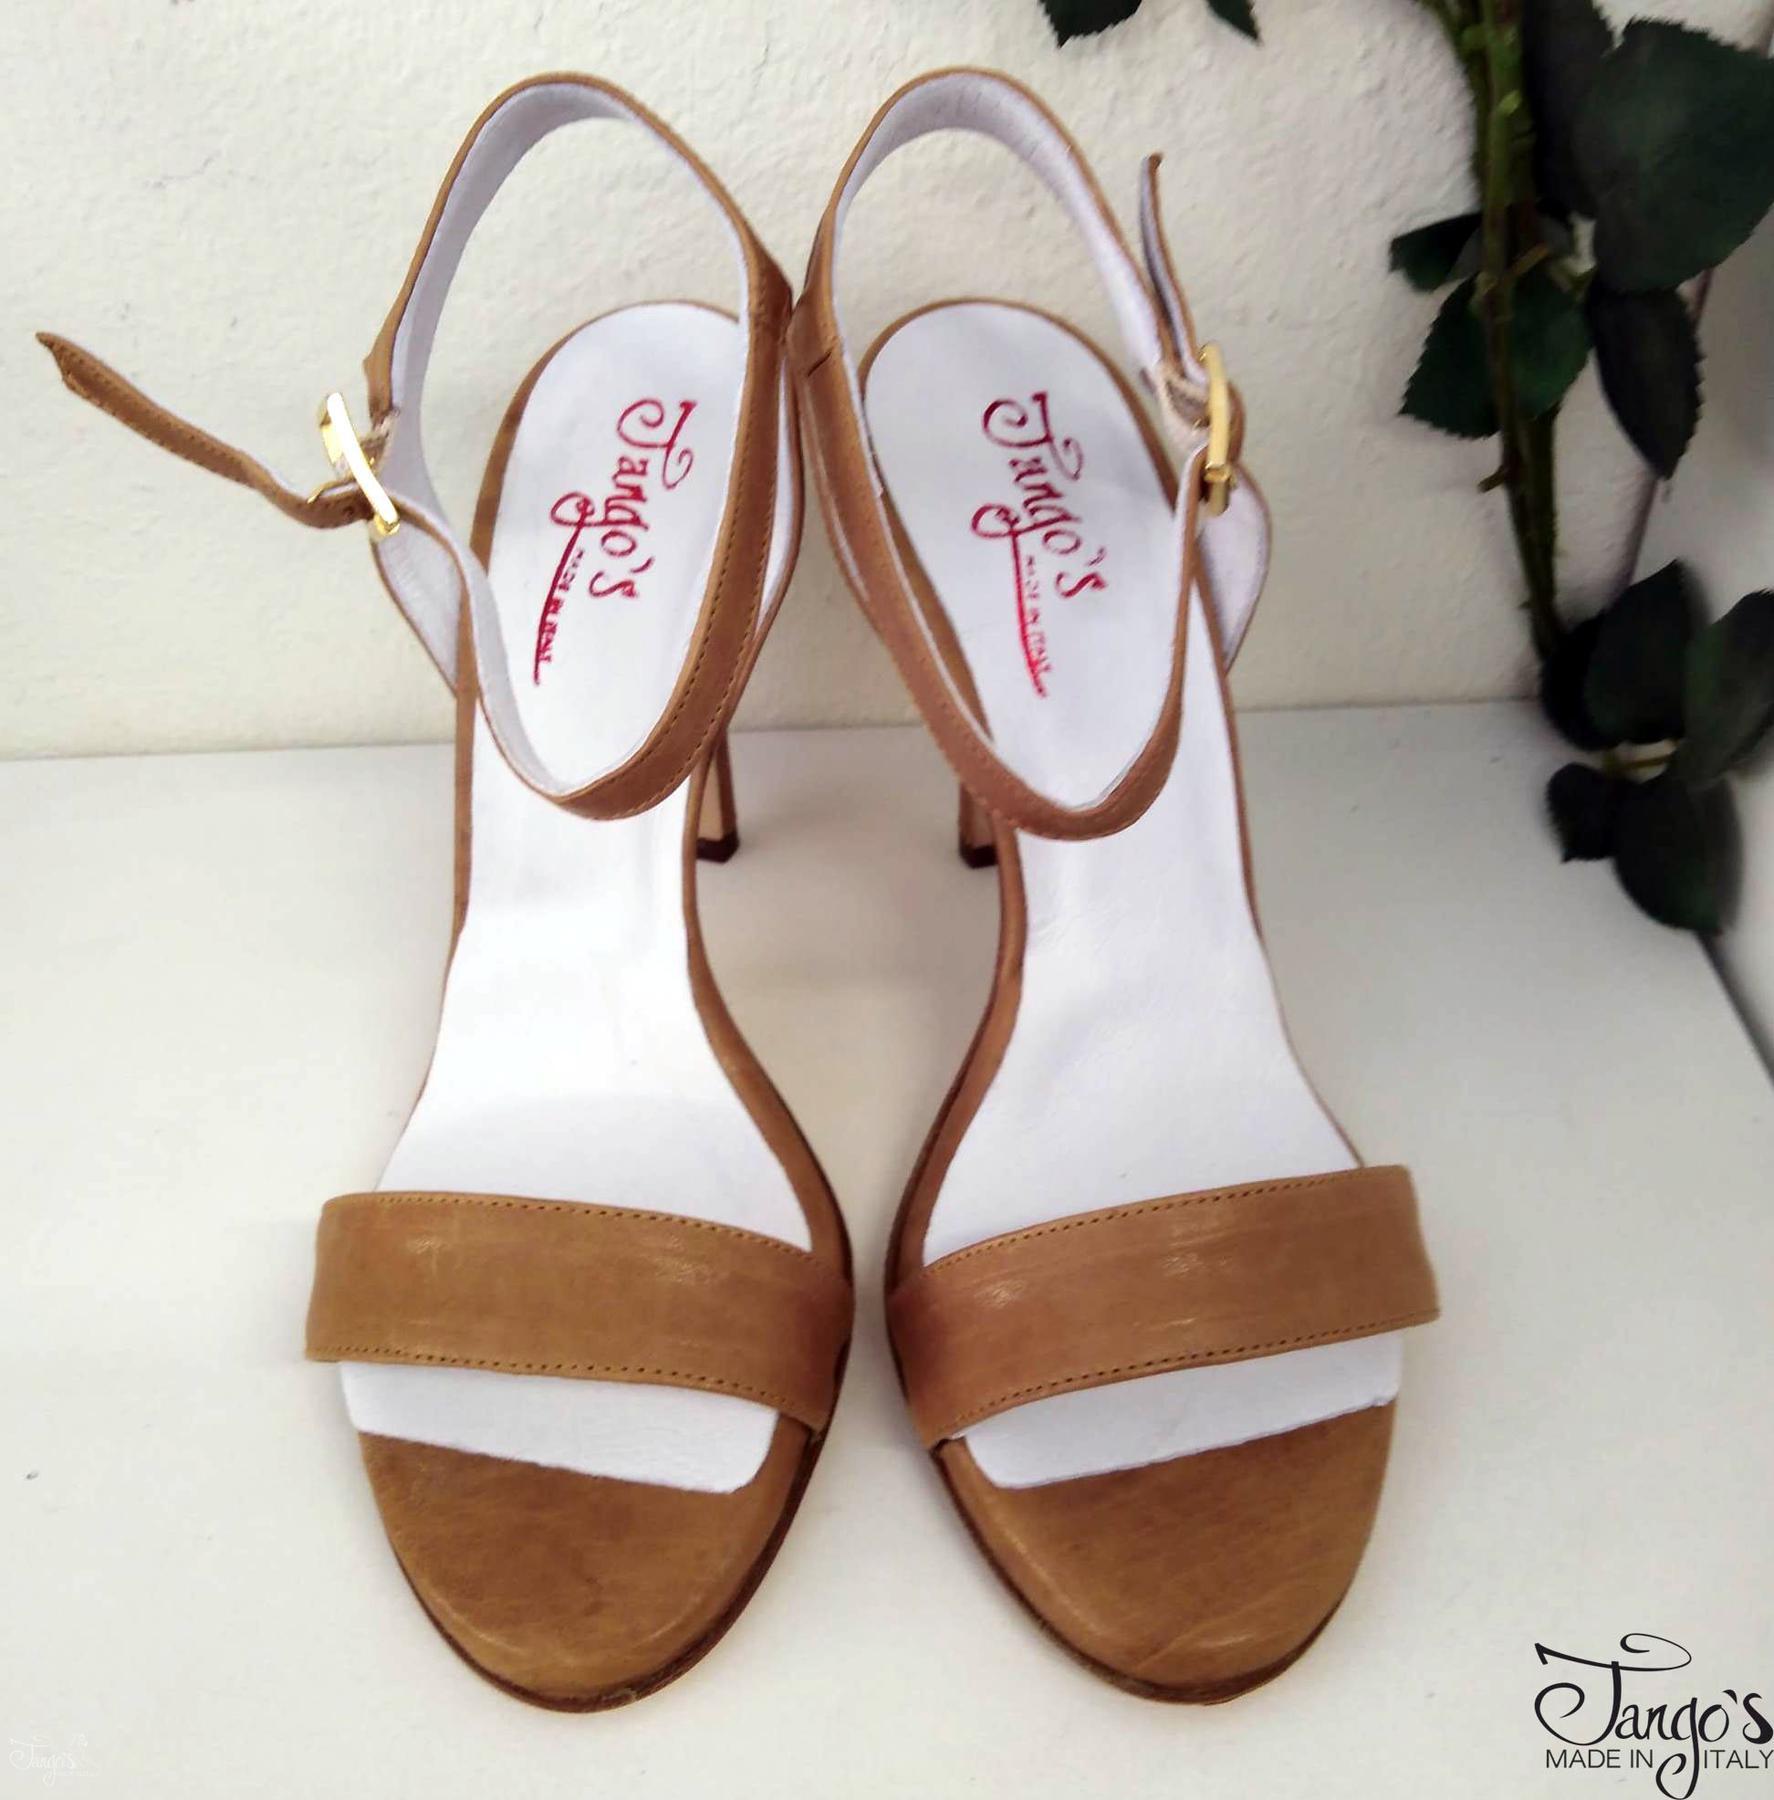 Sandalo A. Cammello